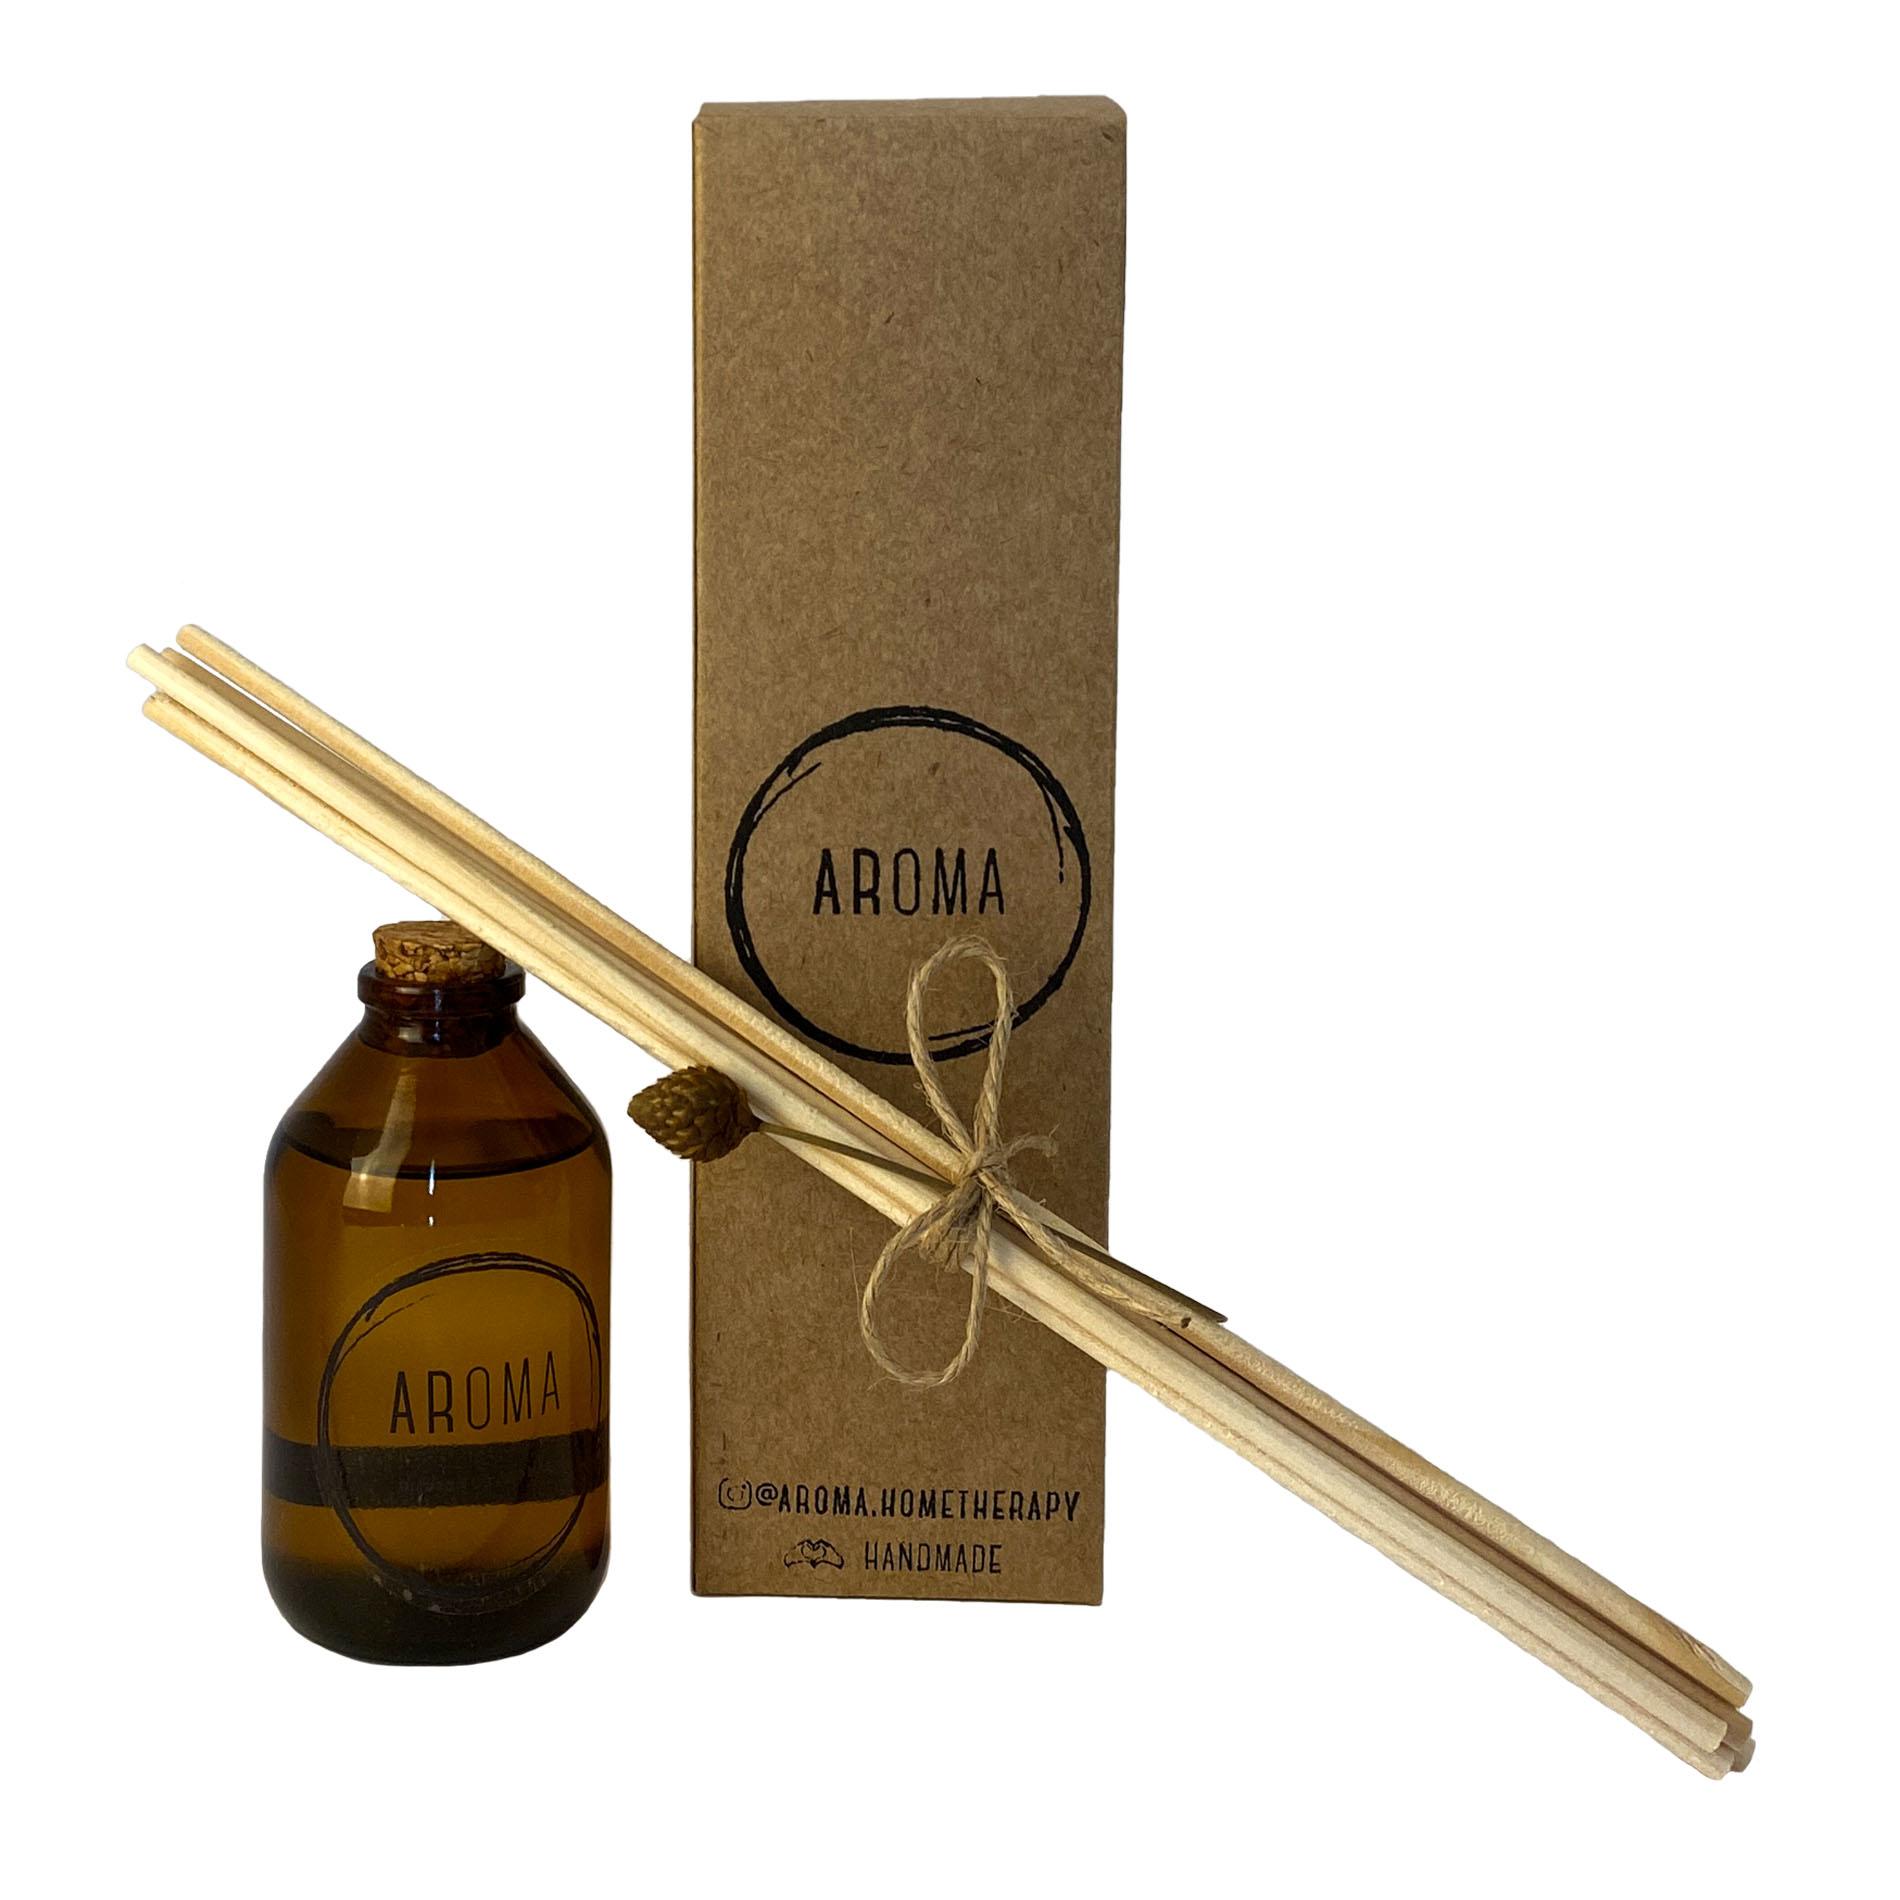 Difusor - Aroma Home Therapy - Alecrim  - Vinerize